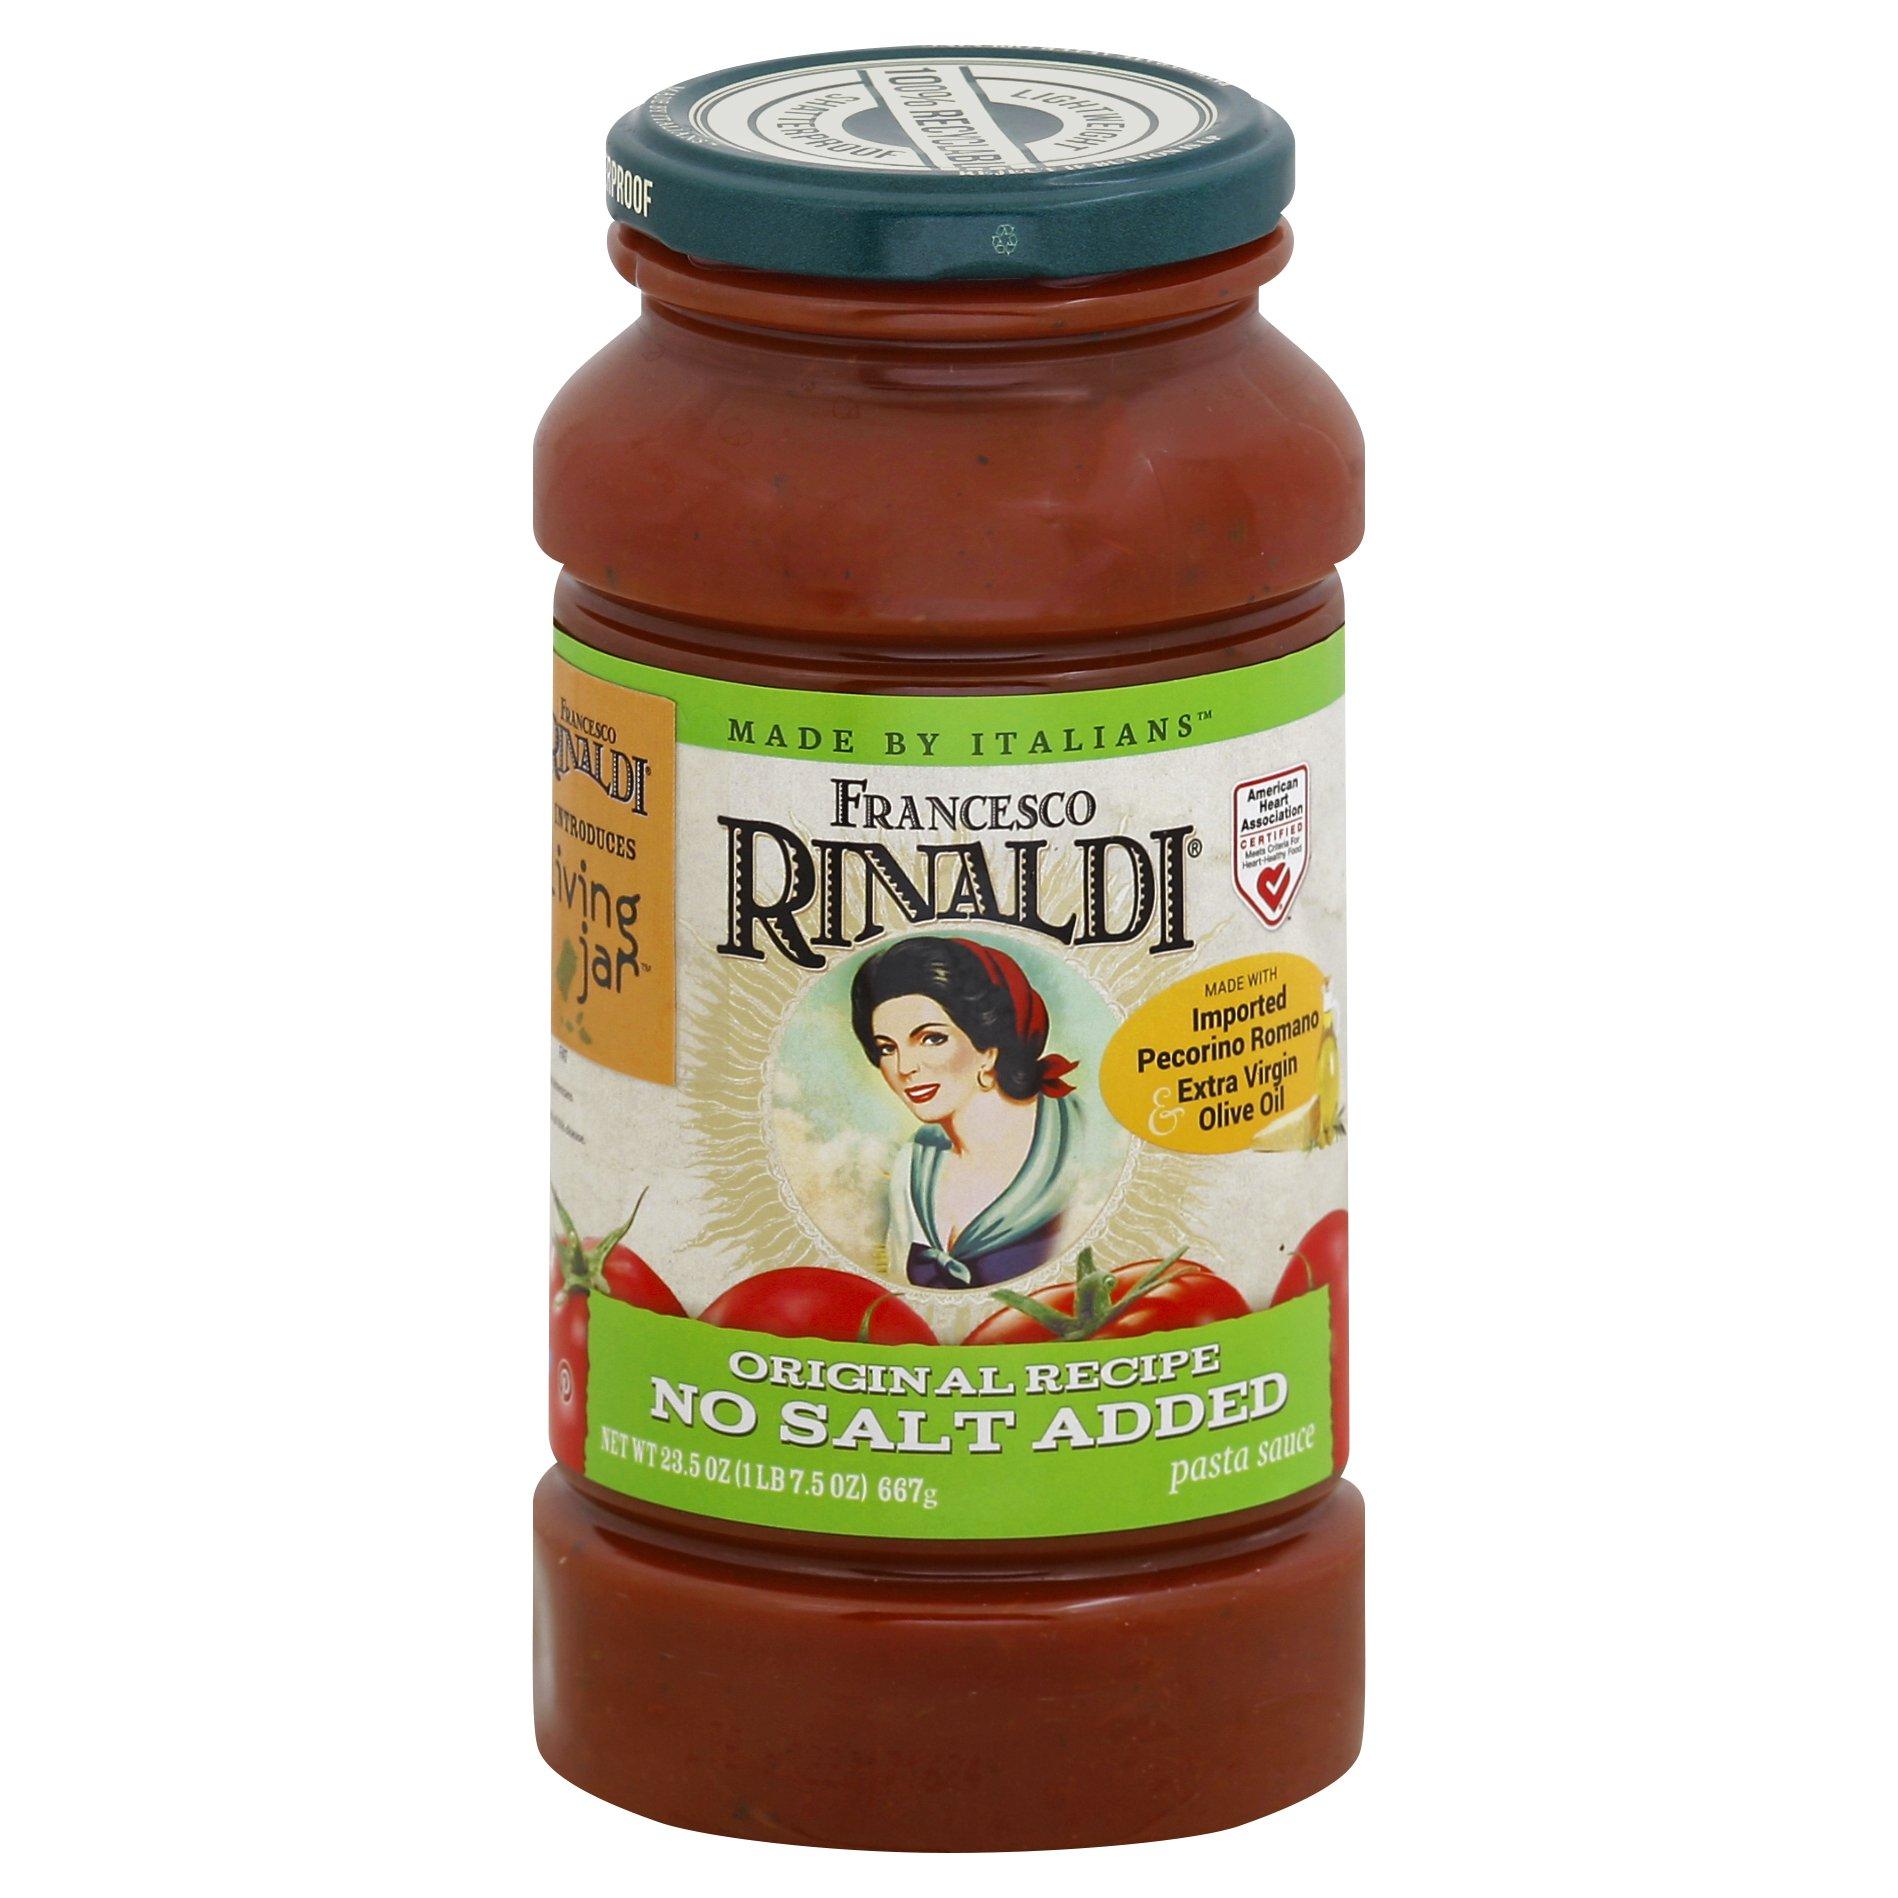 Francesco Rinal Original Recipe No Salt Added Pasta 23OZ 12-Pack